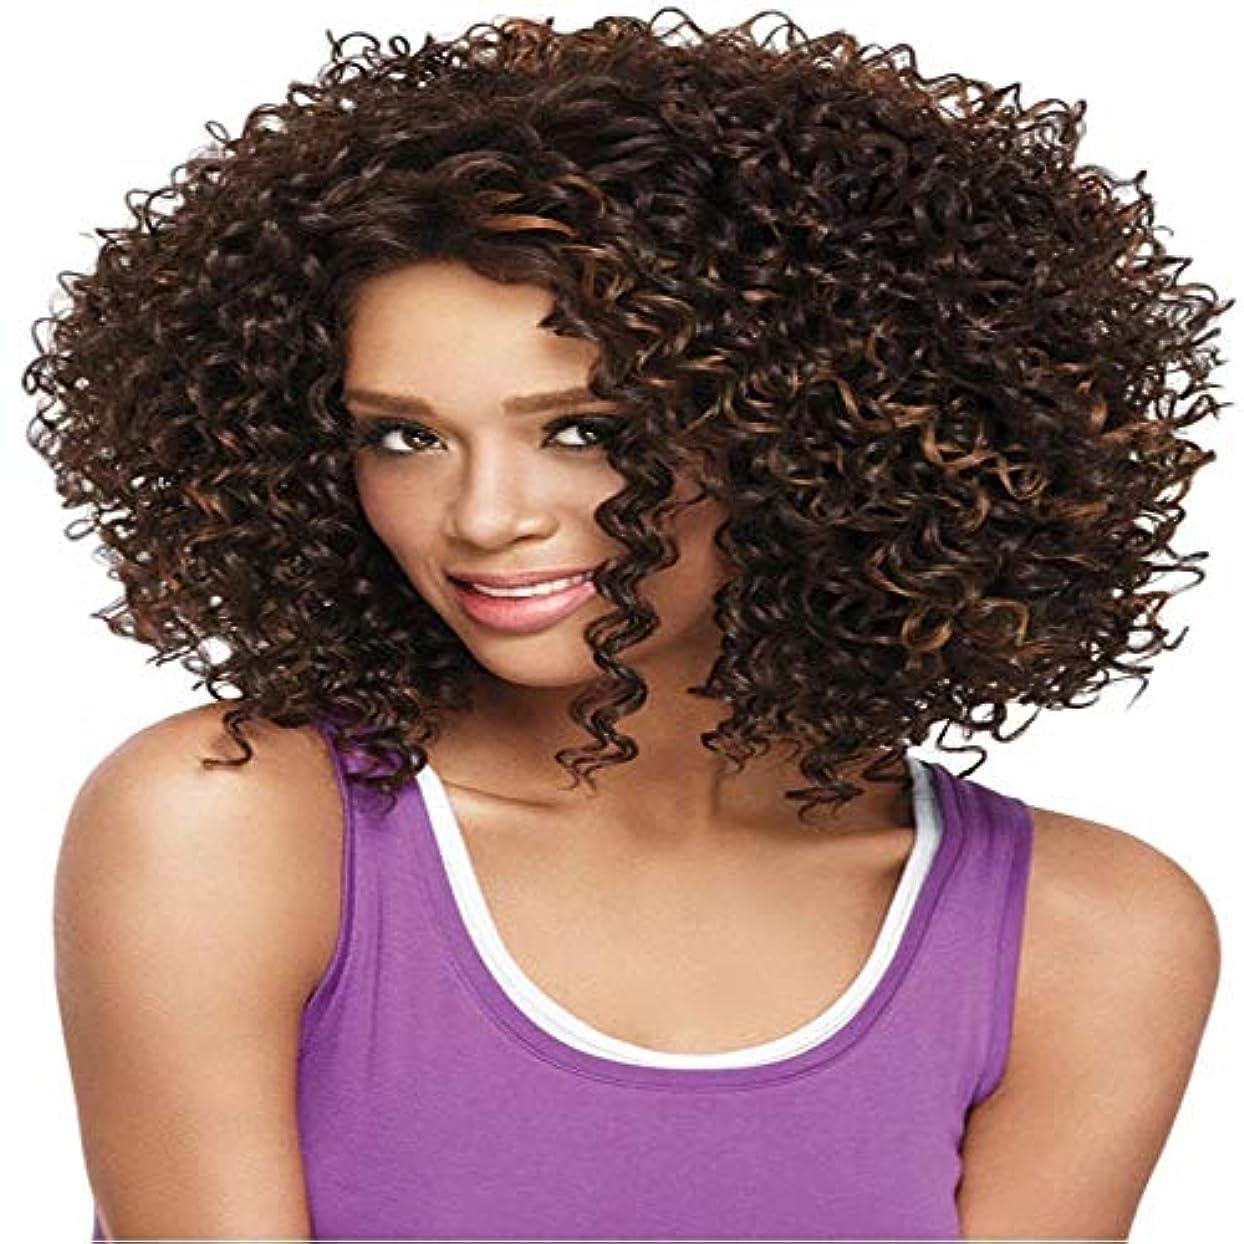 チャールズキージング生態学正統派アフロカーリーウィッグ耐熱完全な頭部の髪の交換コスチュームパーティーコスプレ用ブラック通気性ウィッグ用ウィッグ合成繊維レースフロントウィッグ人毛ウィッグ (Color : Dark Brown)